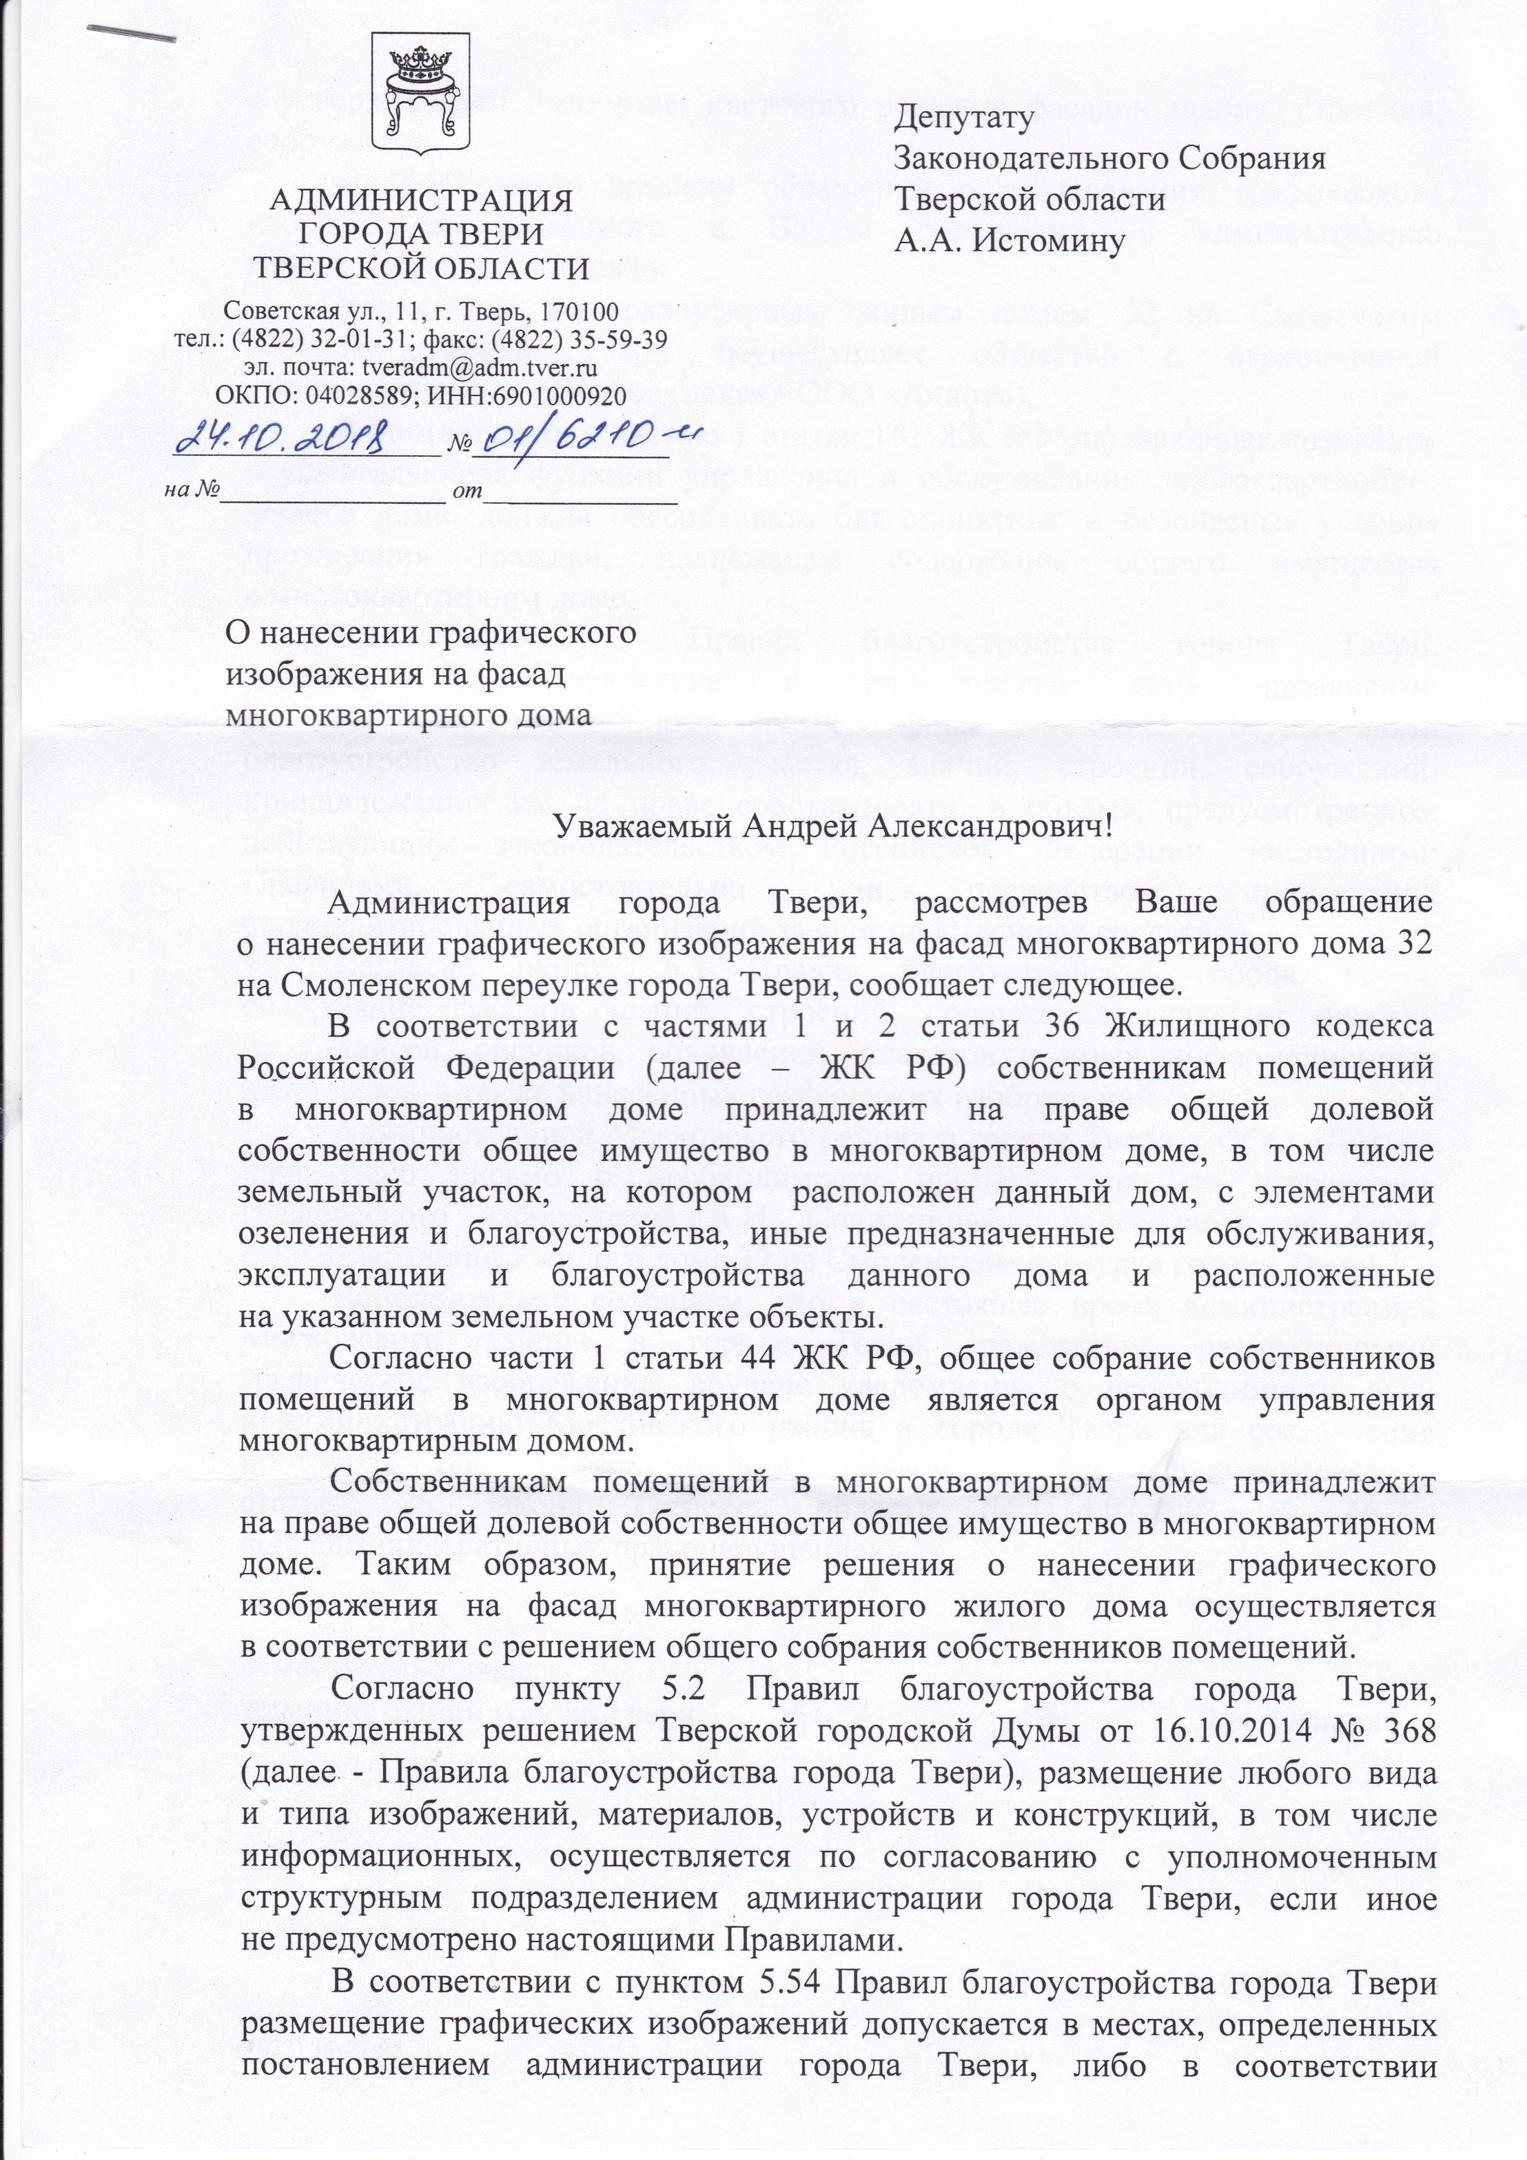 20181109-Солженицын на стене дома в Твери продержался недолго-pic2